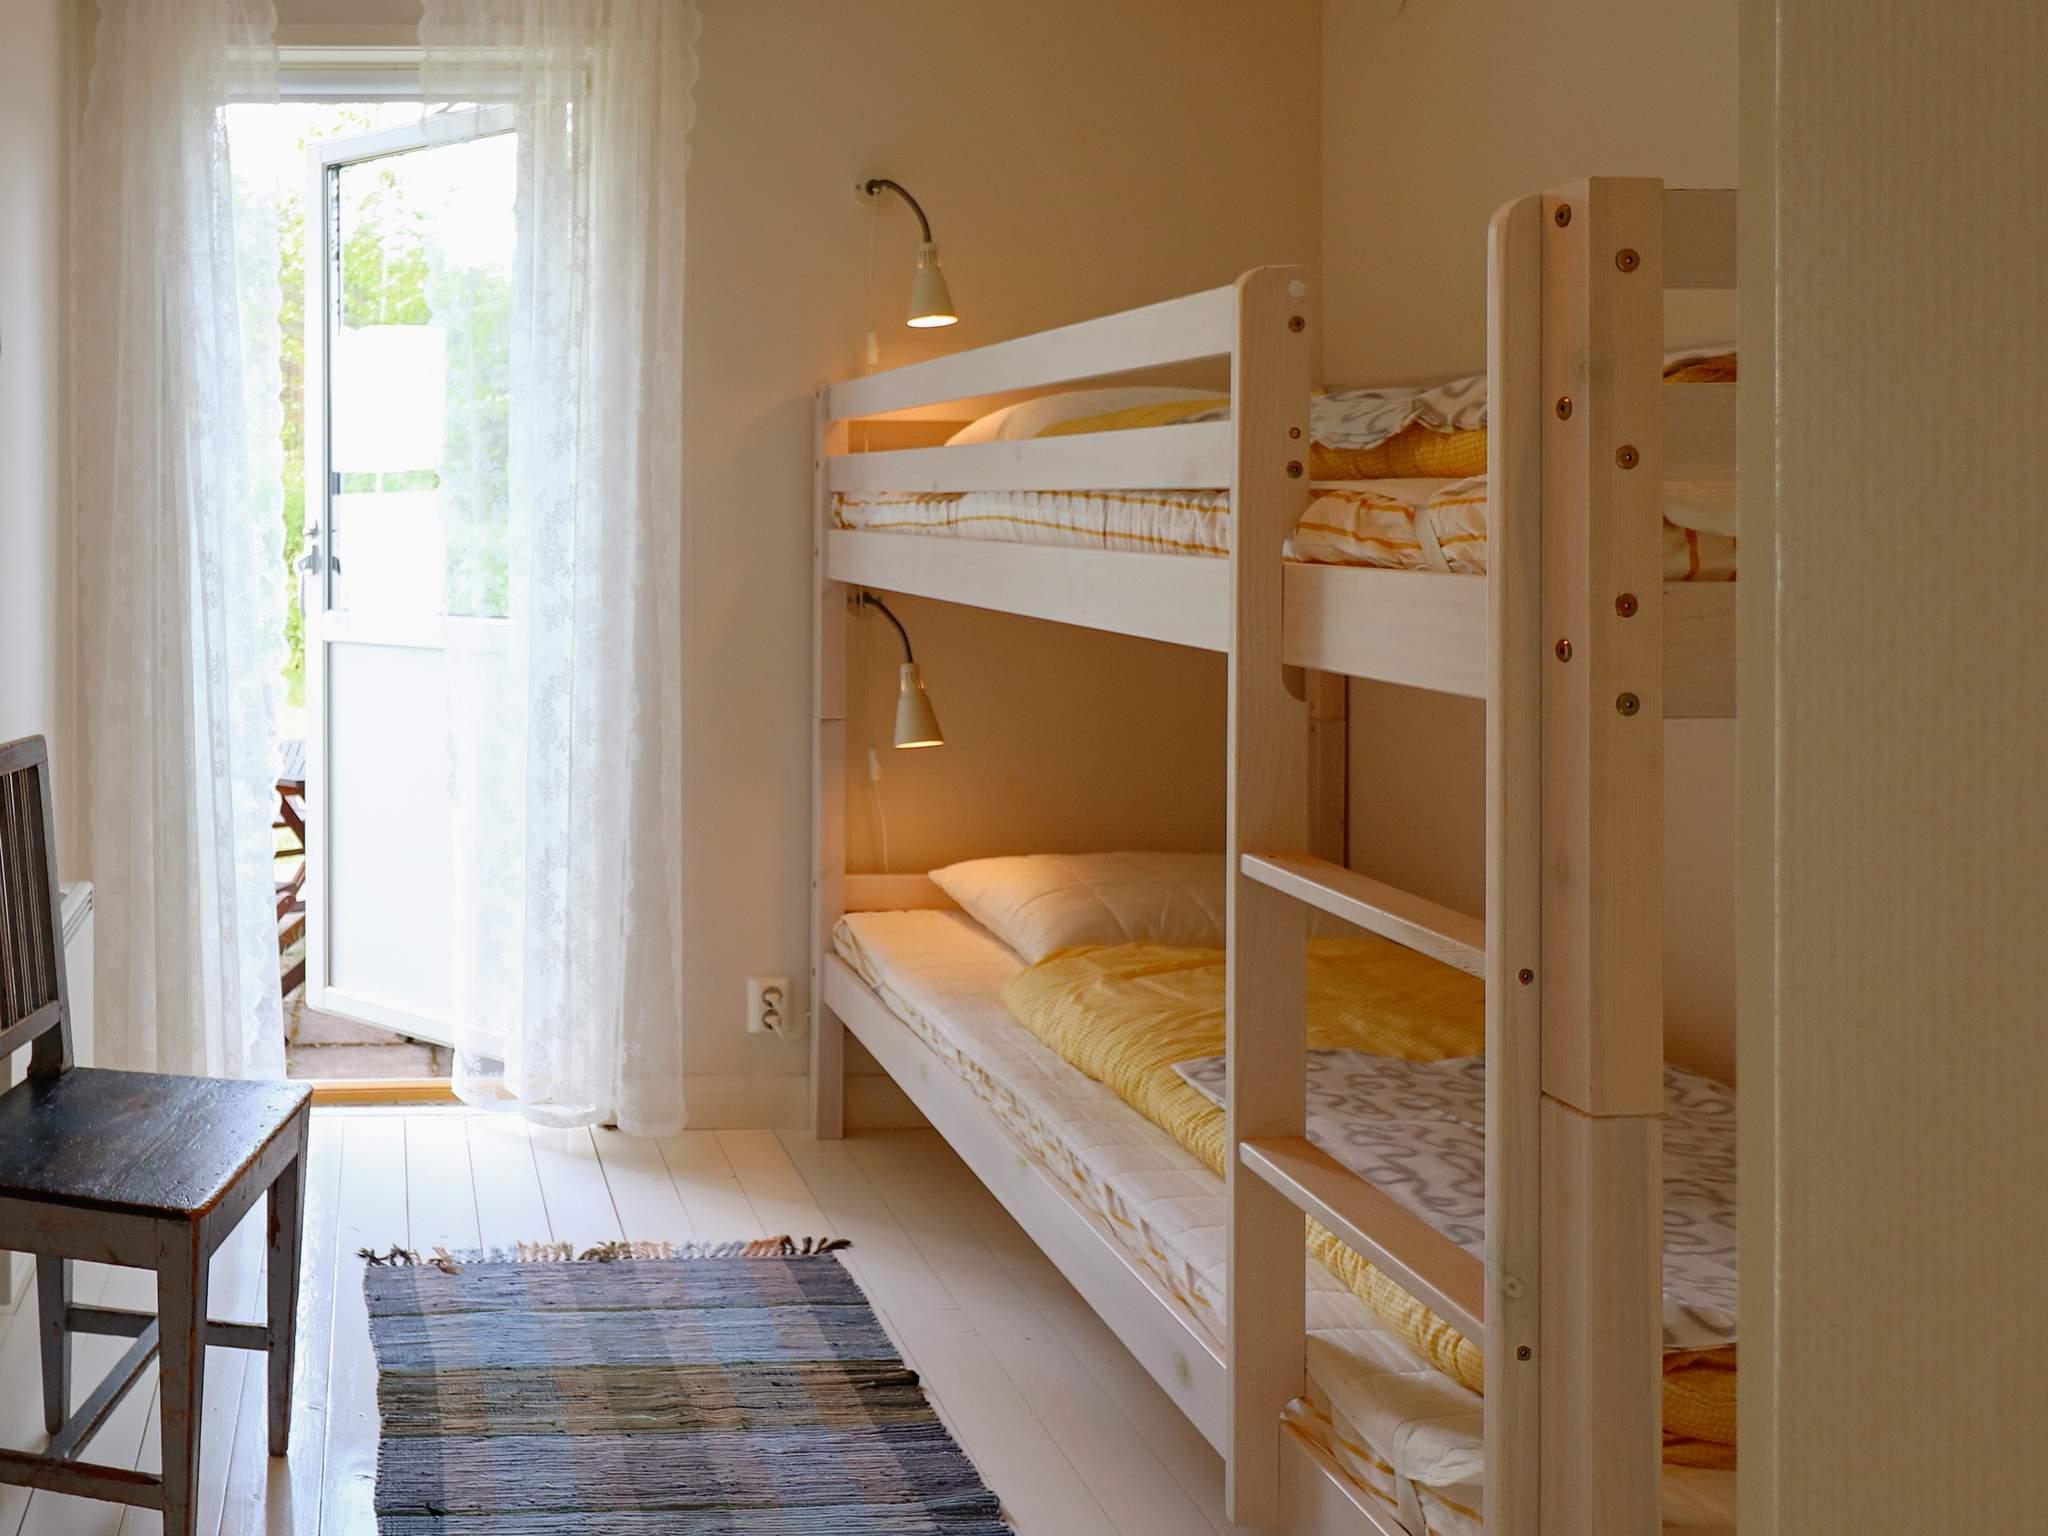 Ferienhaus Åhult (926589), Vaggeryd, Jönköpings län, Südschweden, Schweden, Bild 15